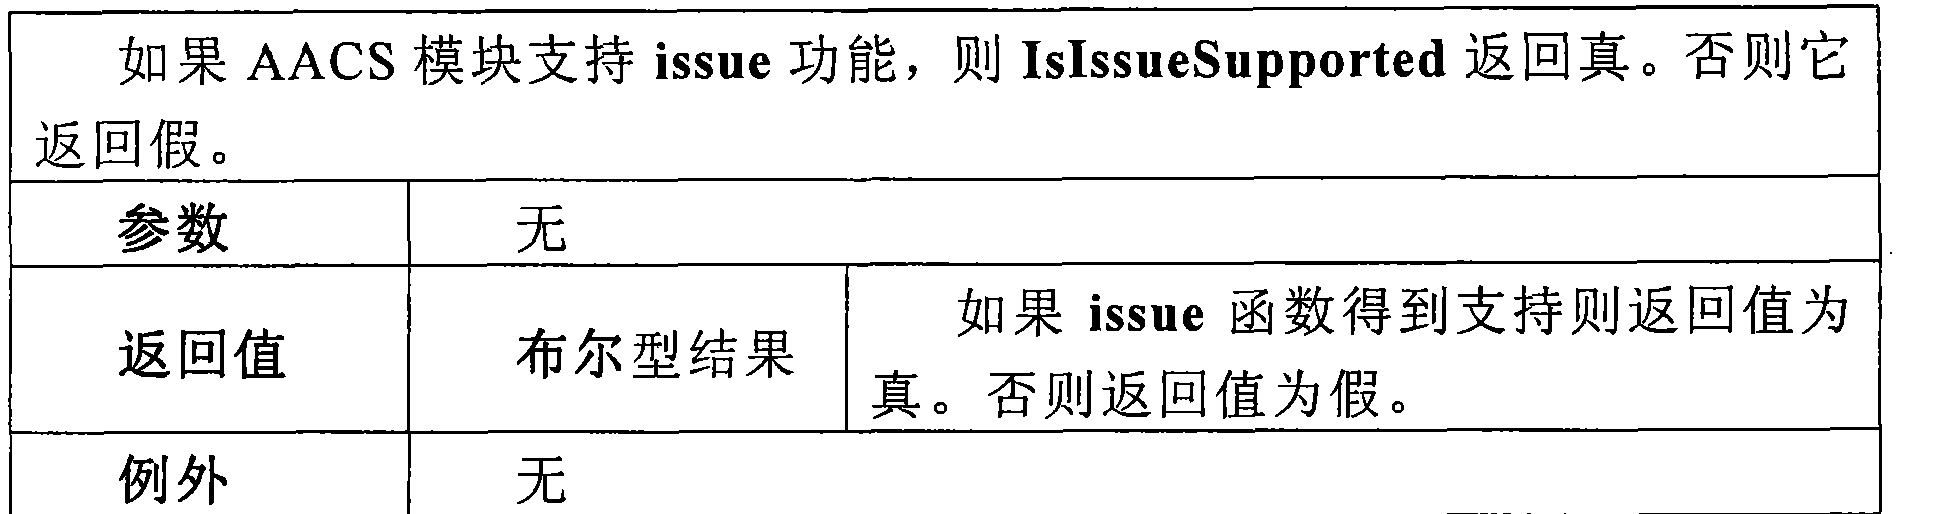 Figure CN101278510BD00361